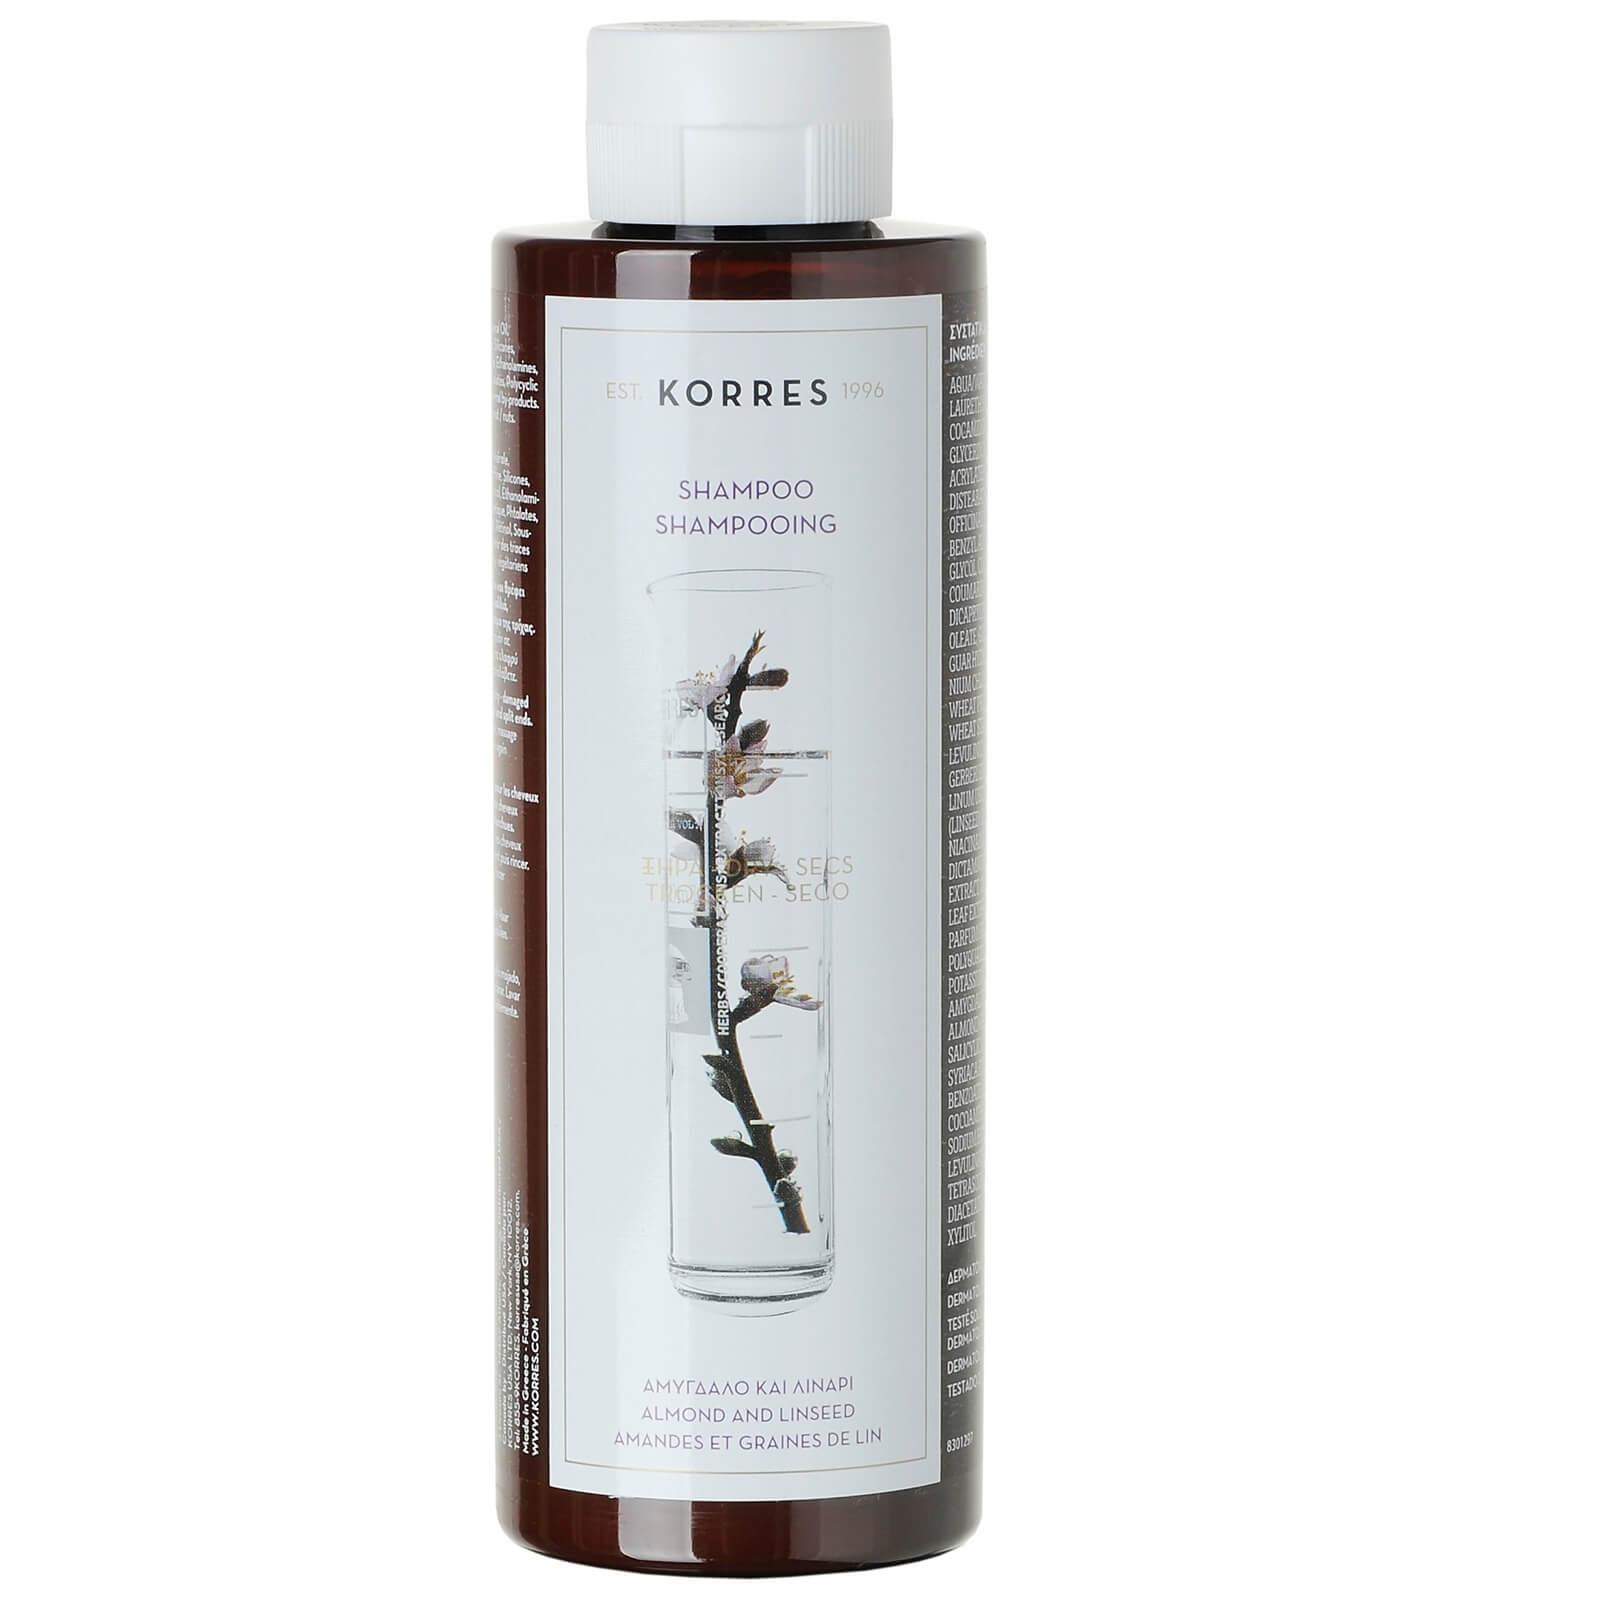 KORRES Shampooing Amande et Graines de Lin KORRES pour Cheveux Secs / Abîmés(250ml)